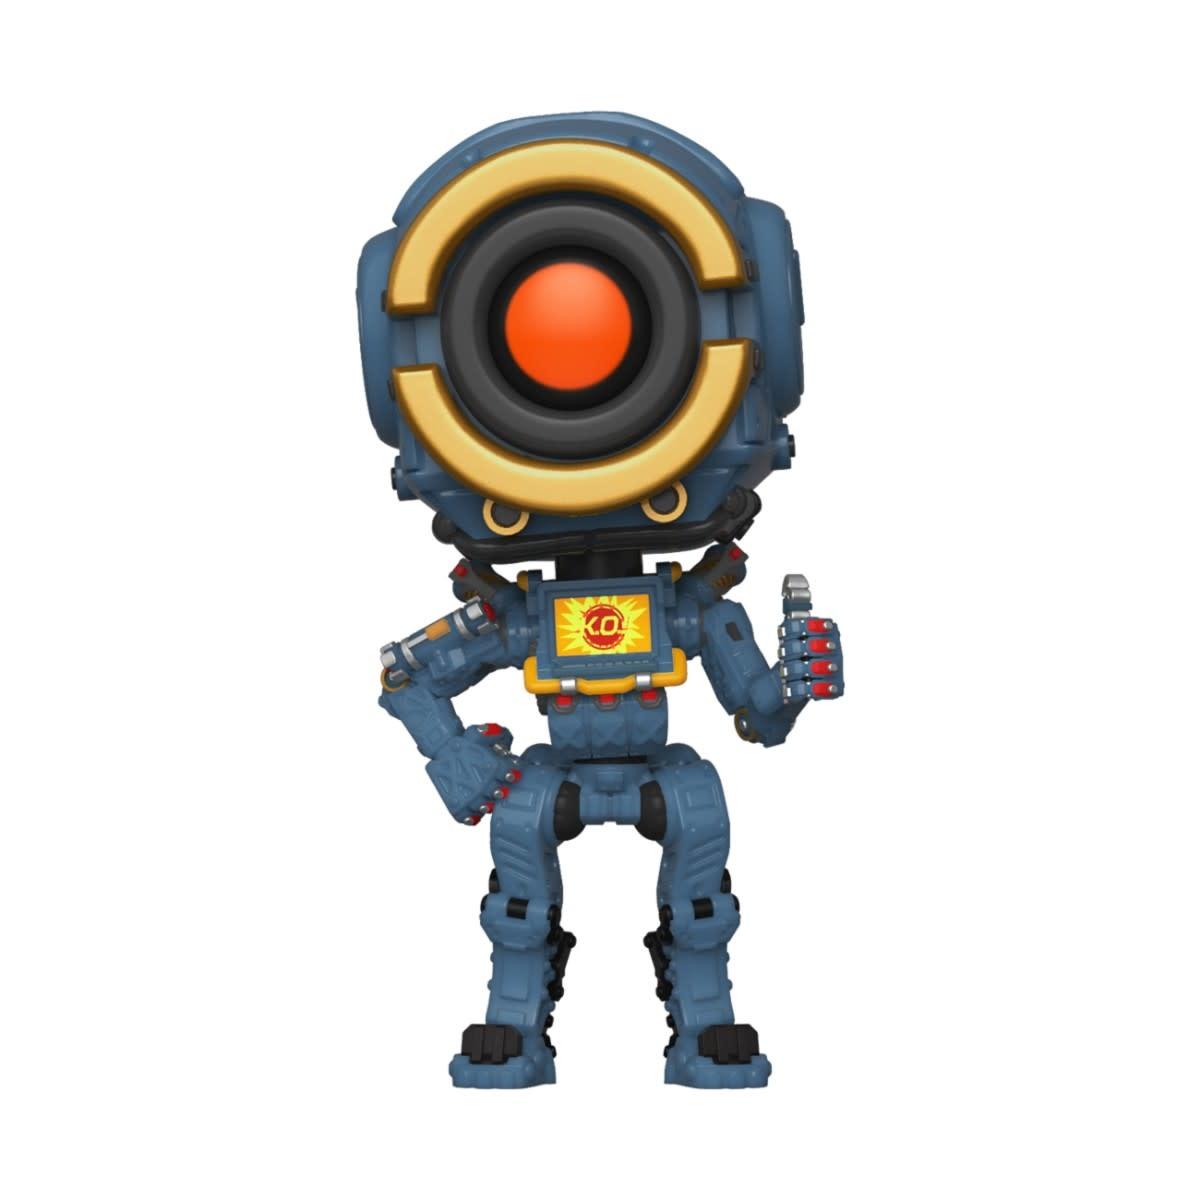 FUNKO Pop! Games: Apex Legends - Pathfinder